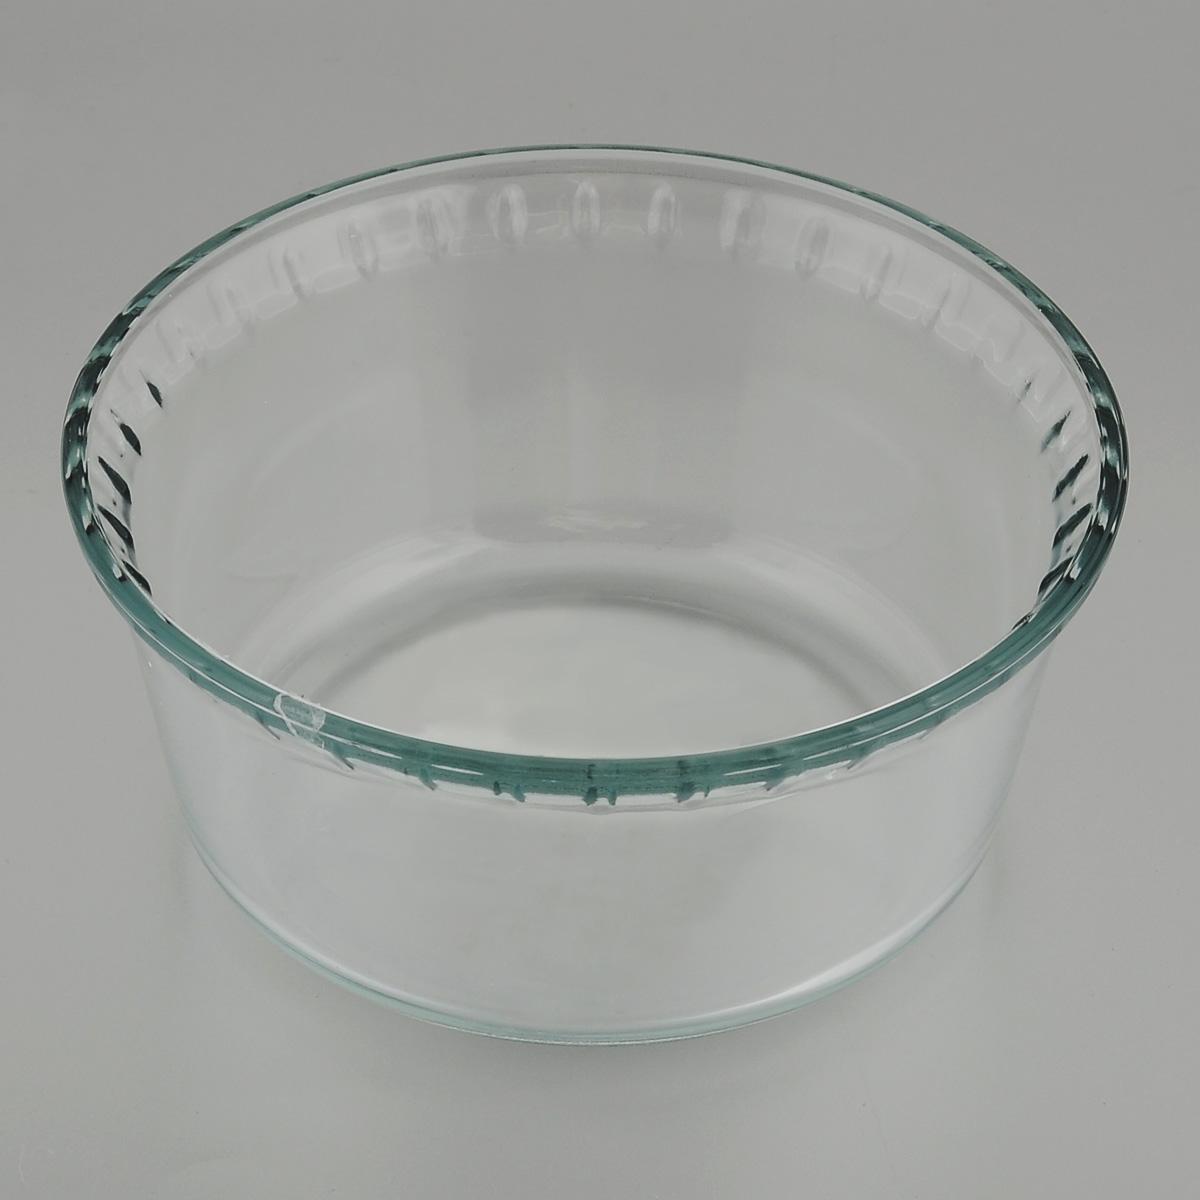 Форма для запекания Mijotex, круглая, диаметр 18 см54 009312Глубокая круглая форма для запекания Mijotex изготовлена из жаропрочного стекла, которое выдерживает температуру до +450°С. Форма предназначена для приготовления горячих блюд. Материал изделия гигиеничен, прост в уходе и обладает высокой степенью прочности. Форма идеально подходит для использования в духовках, микроволновых печах, холодильниках и морозильных камерах. Также ее можно использовать на газовых плитах (на слабом огне) и на электроплитах. Можно мыть в посудомоечной машине.Диаметр формы: 18 см.Высота стенки формы: 8 см.